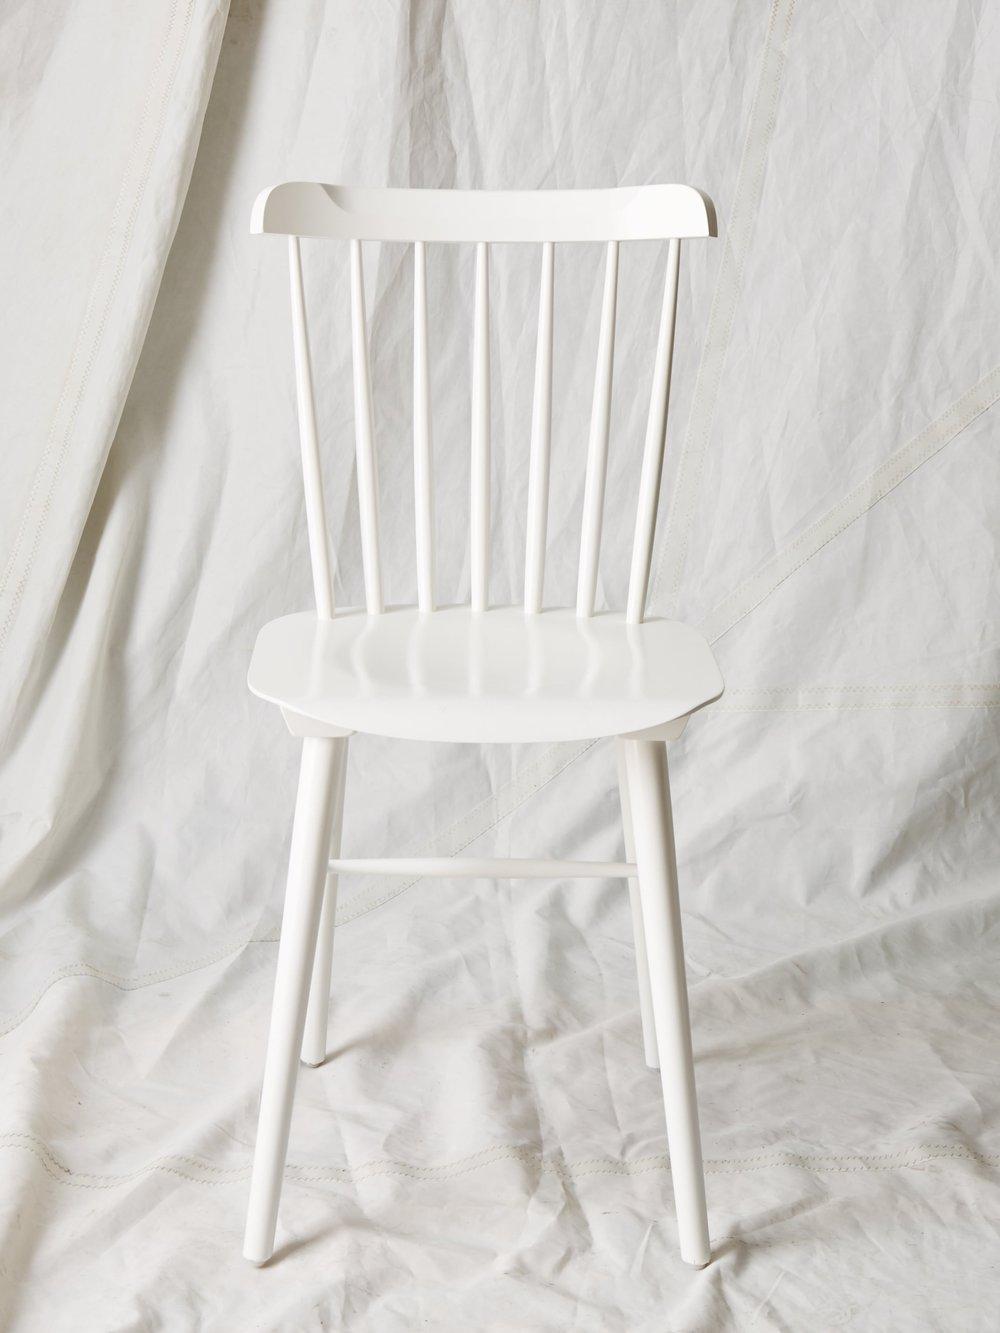 """CH004 White DWR Salt chair 34"""" H x 15"""" W x 16"""" D $75/week"""